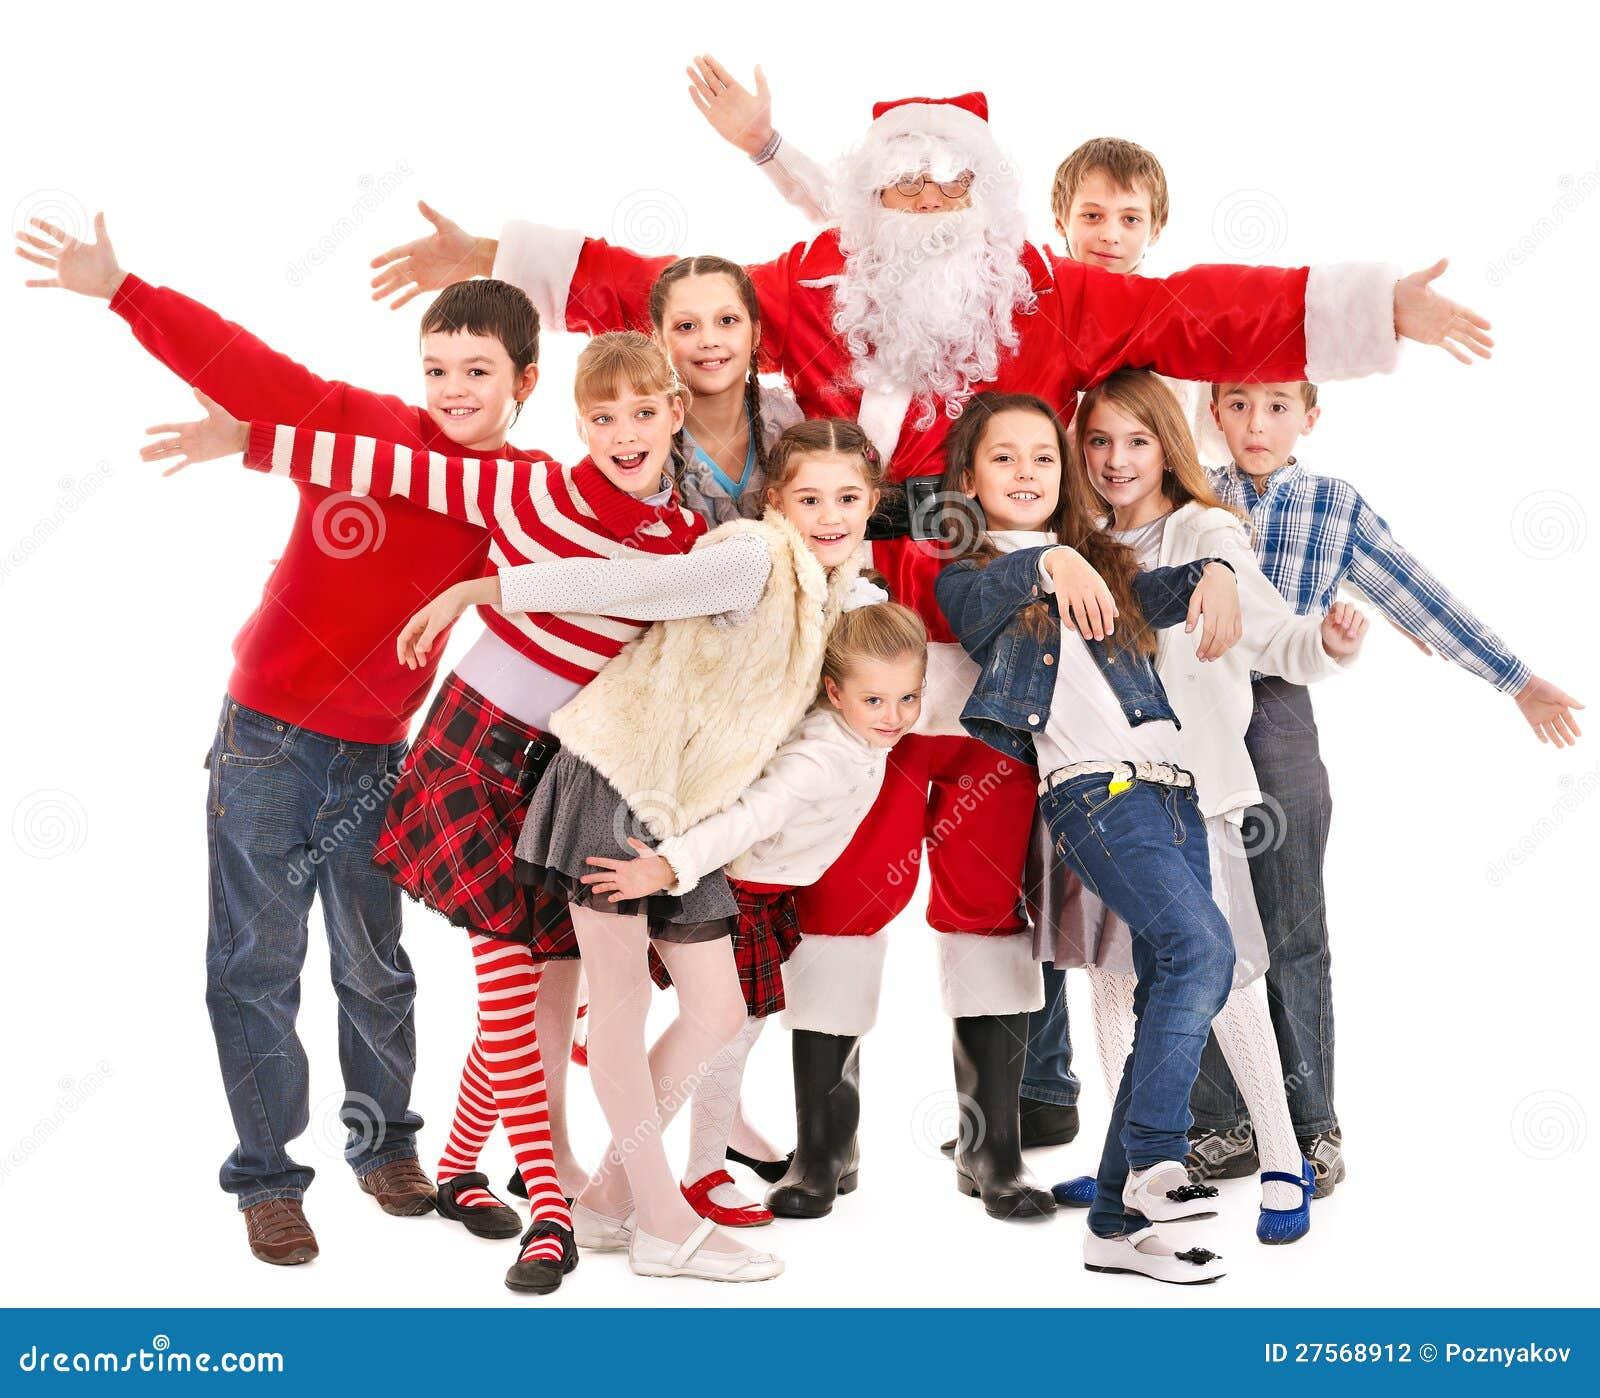 Santa claus with children